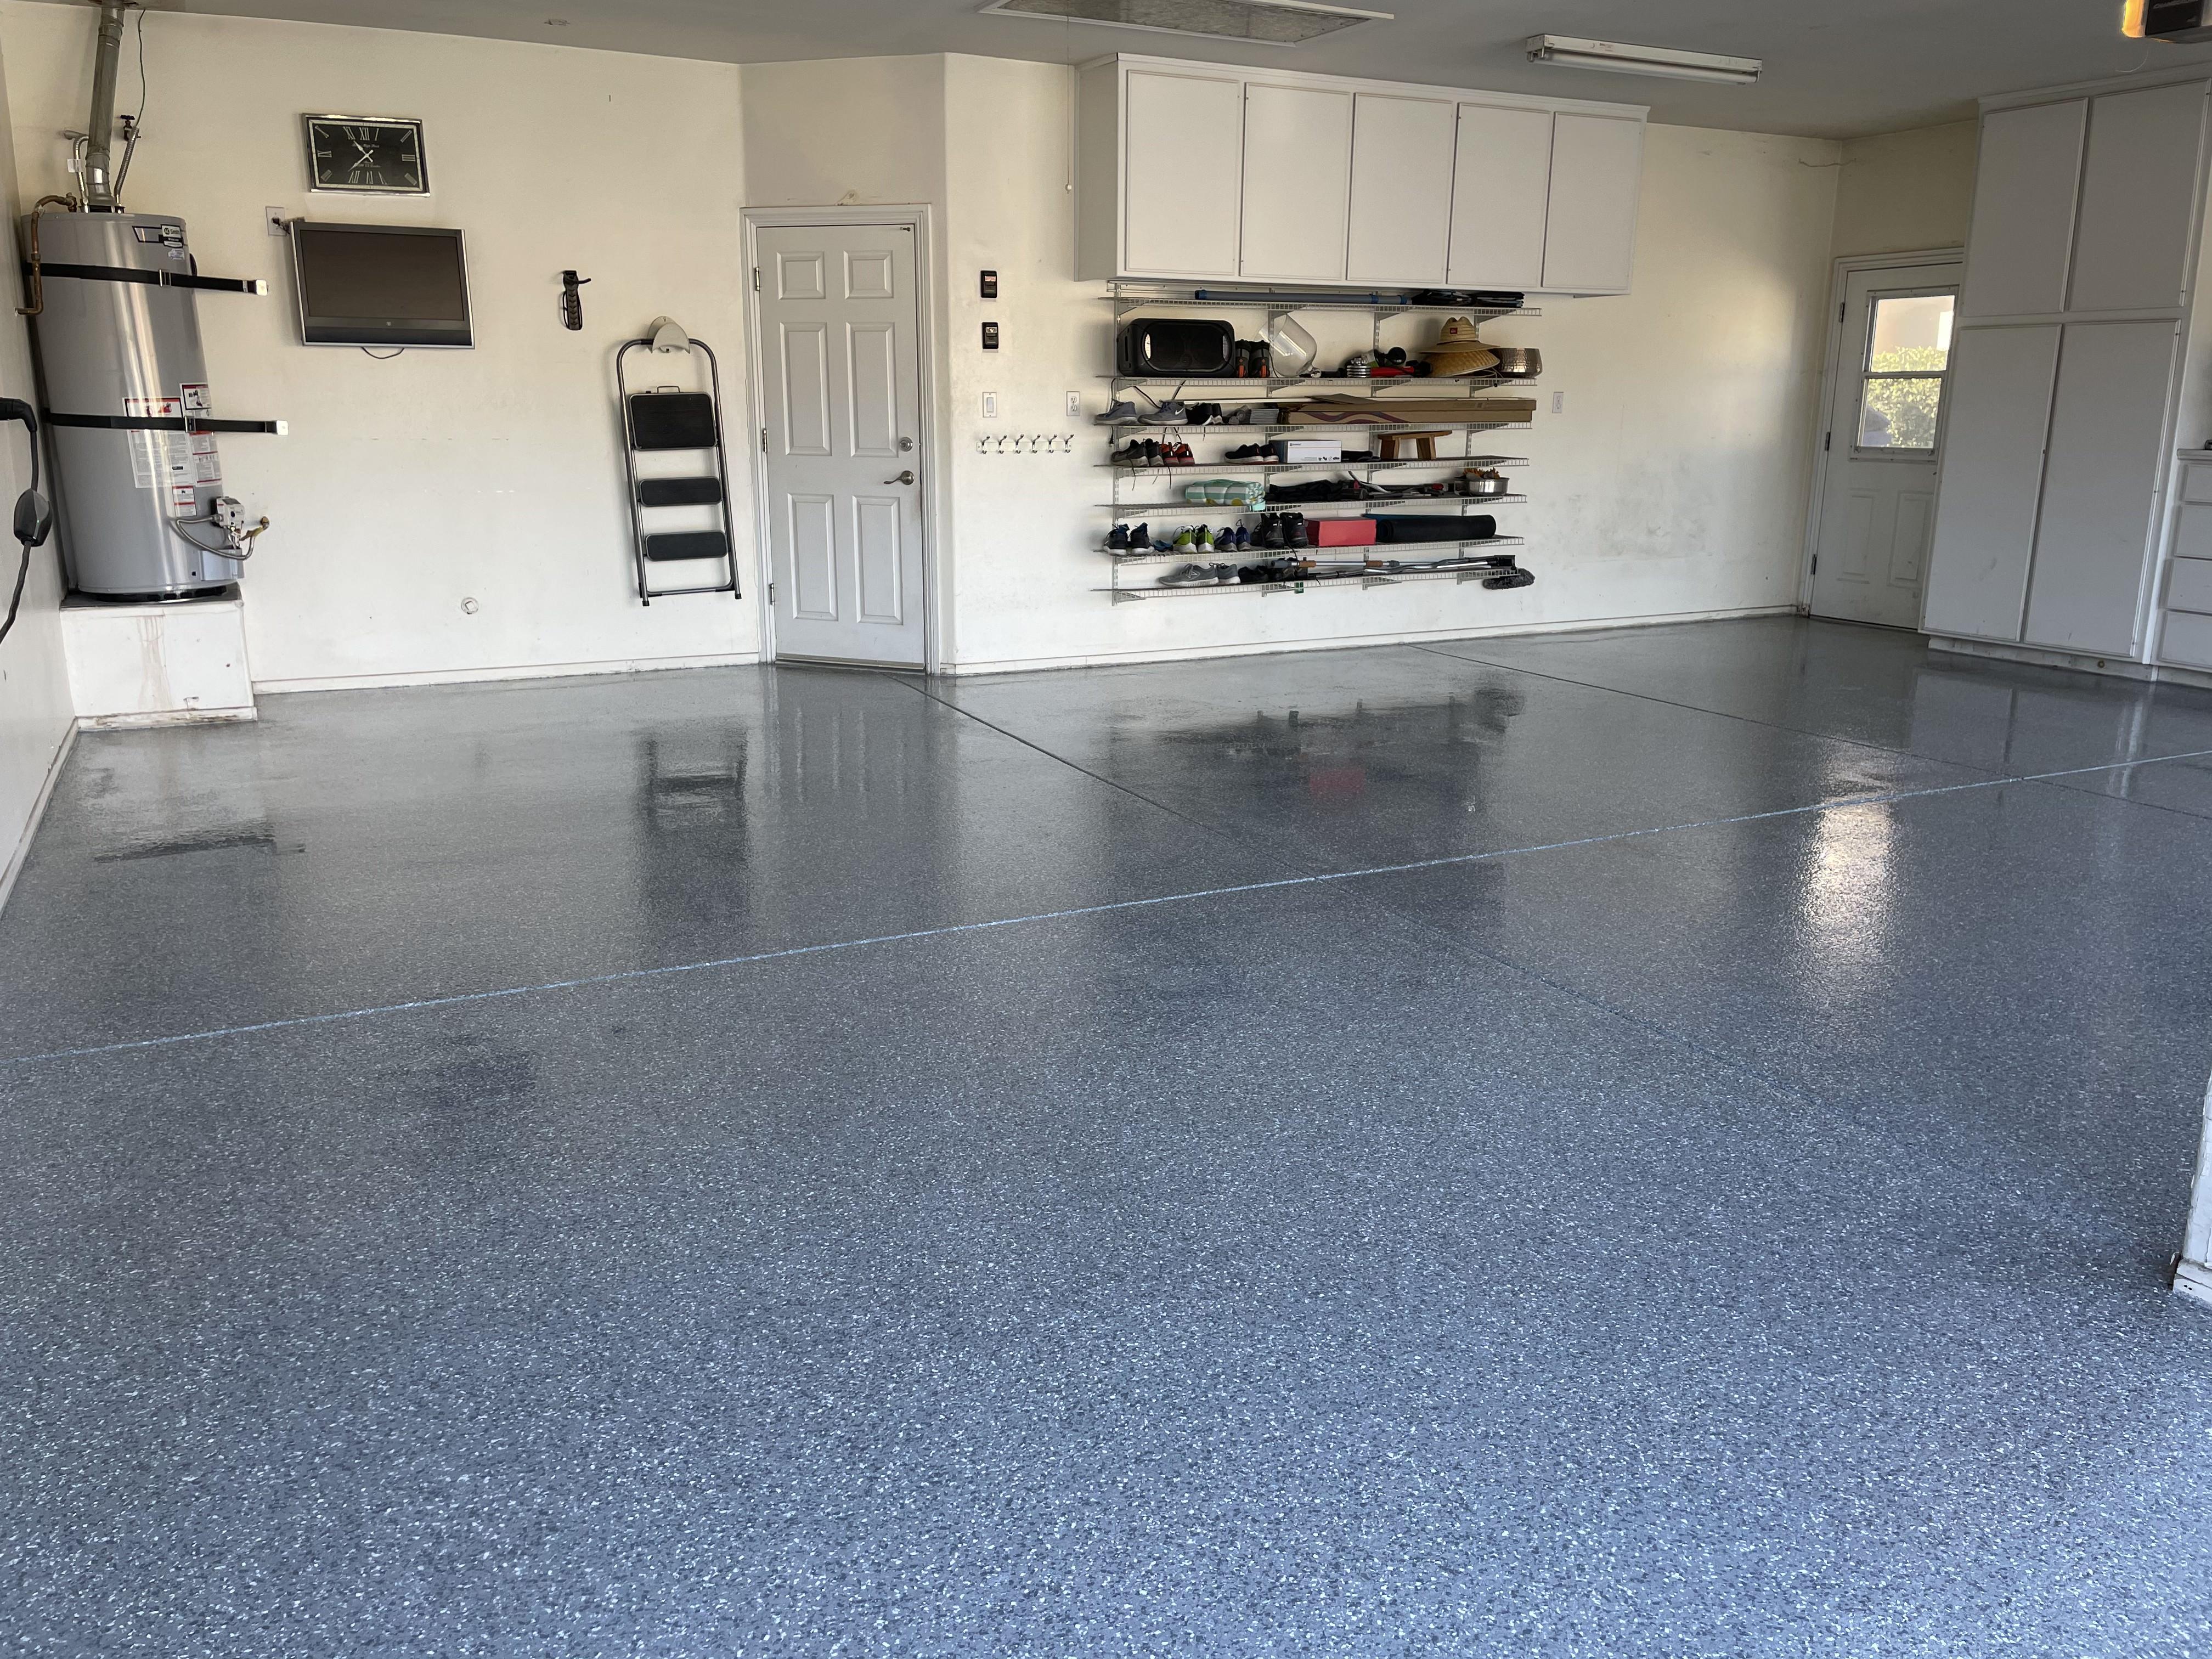 Flake Flooring In Garage Bakersfield CA